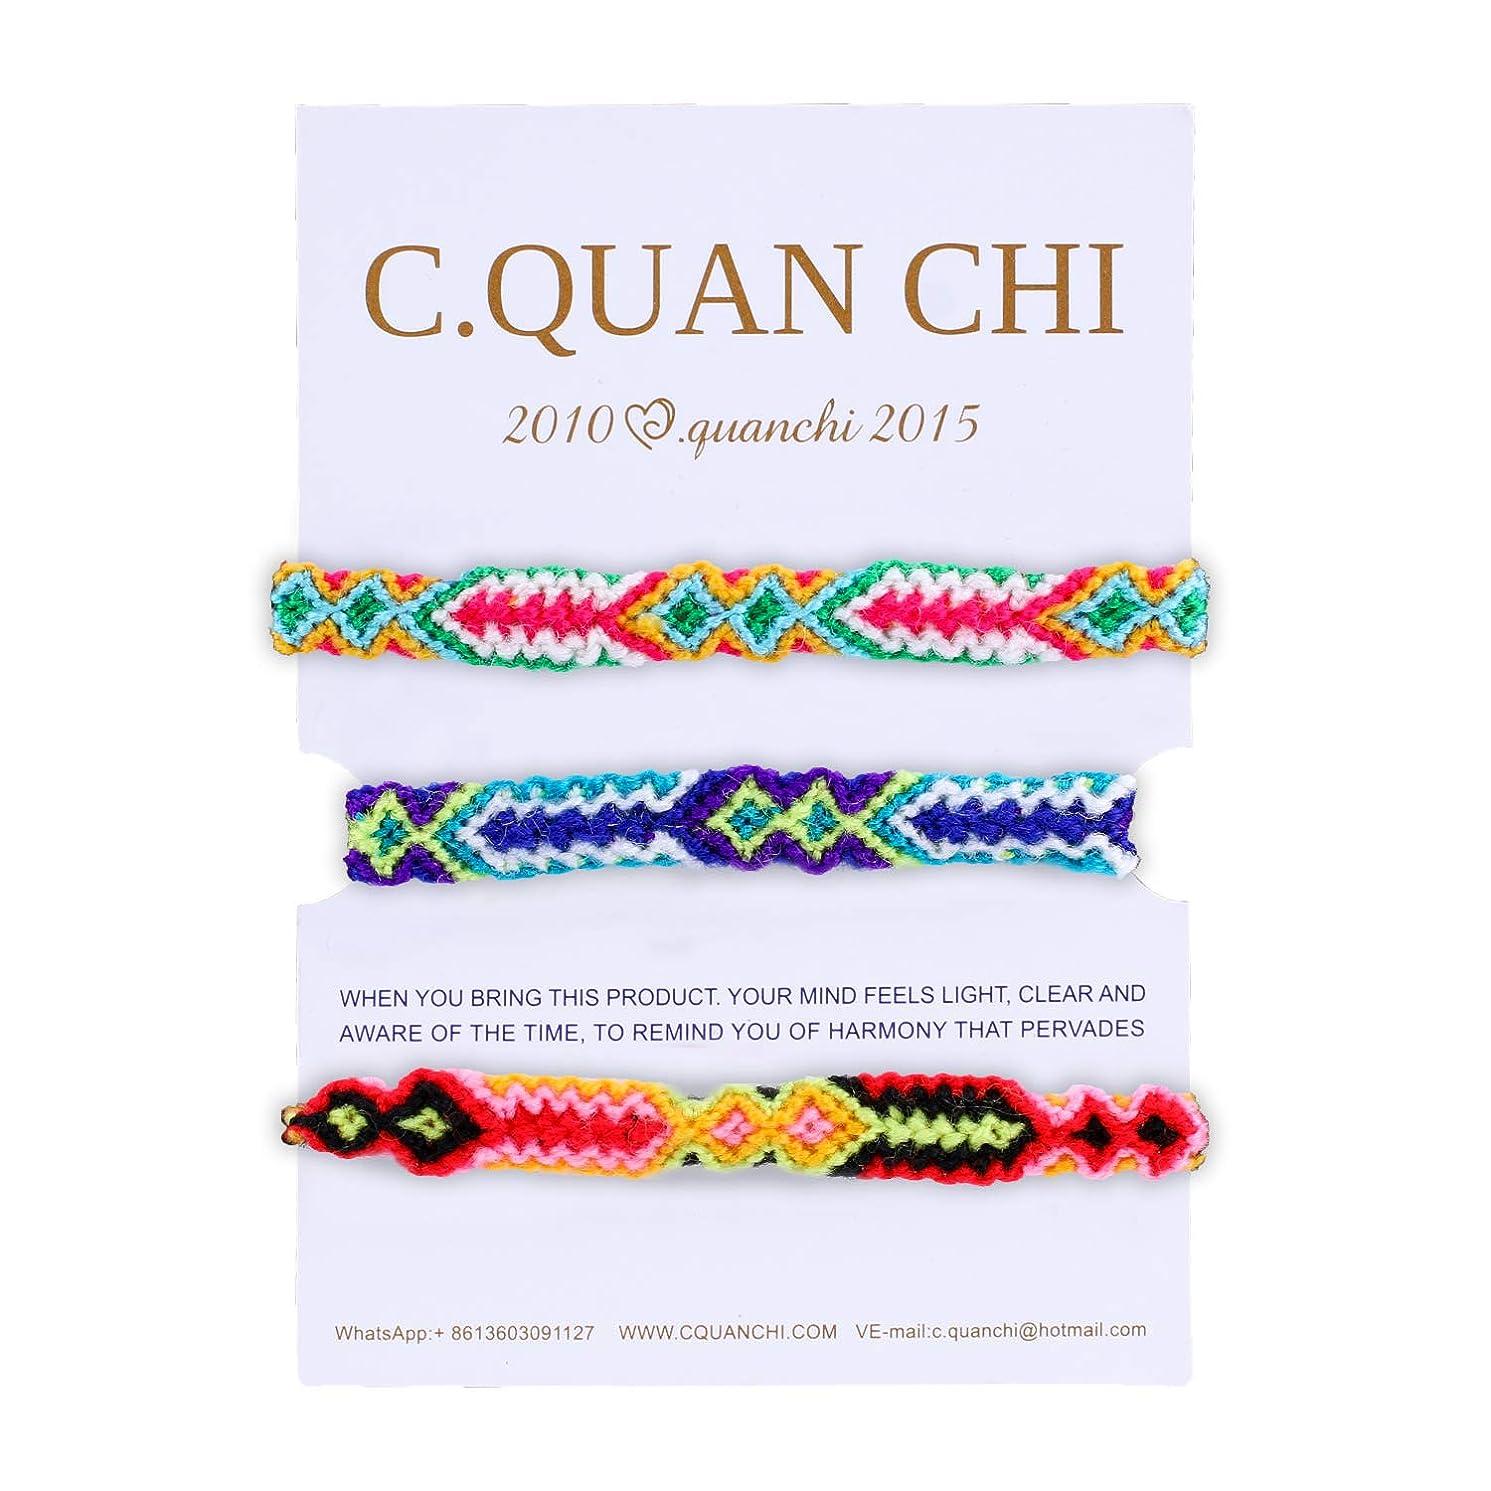 C·QUAN CHI 3 Pieces Woven Bracelets Handmade Strand Bracelets Multi Color Braided Bracelet for Wrist Ankle